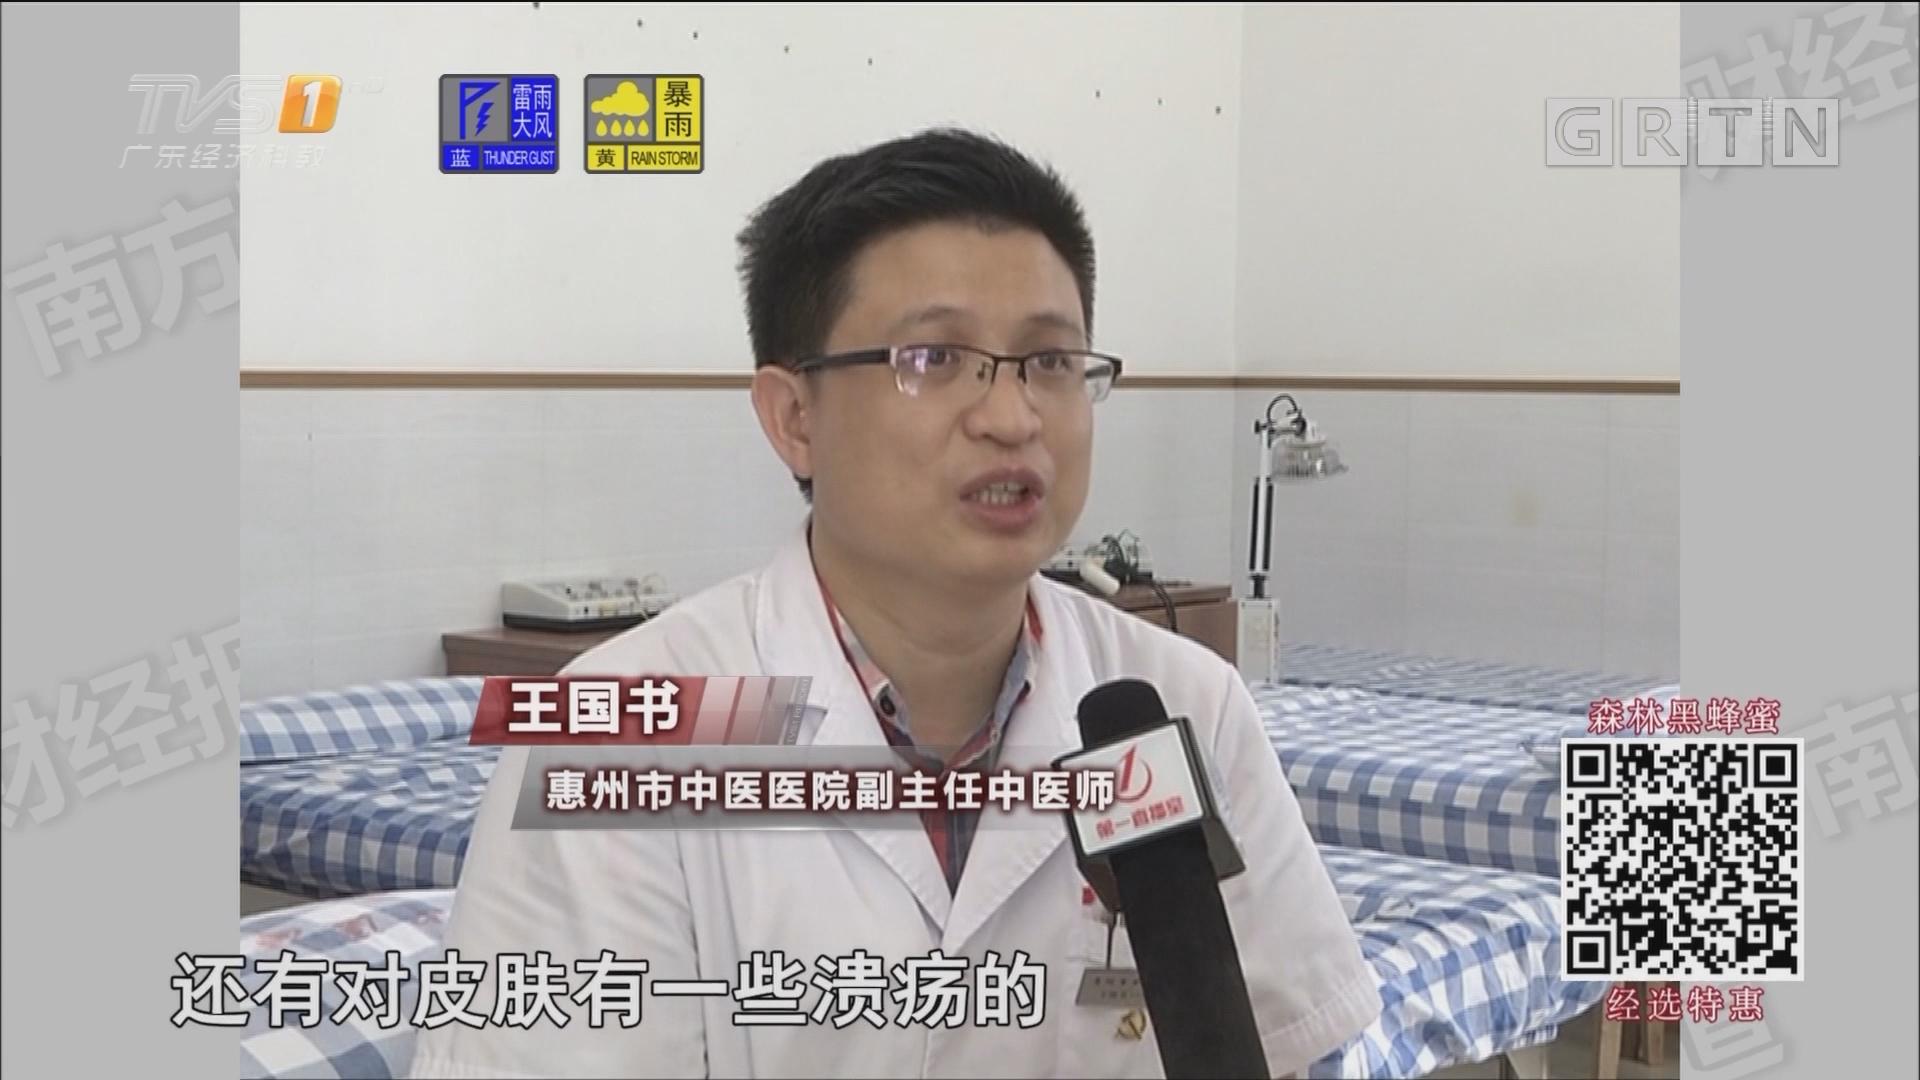 惠州:网购也能天灸?医生提醒需慎重